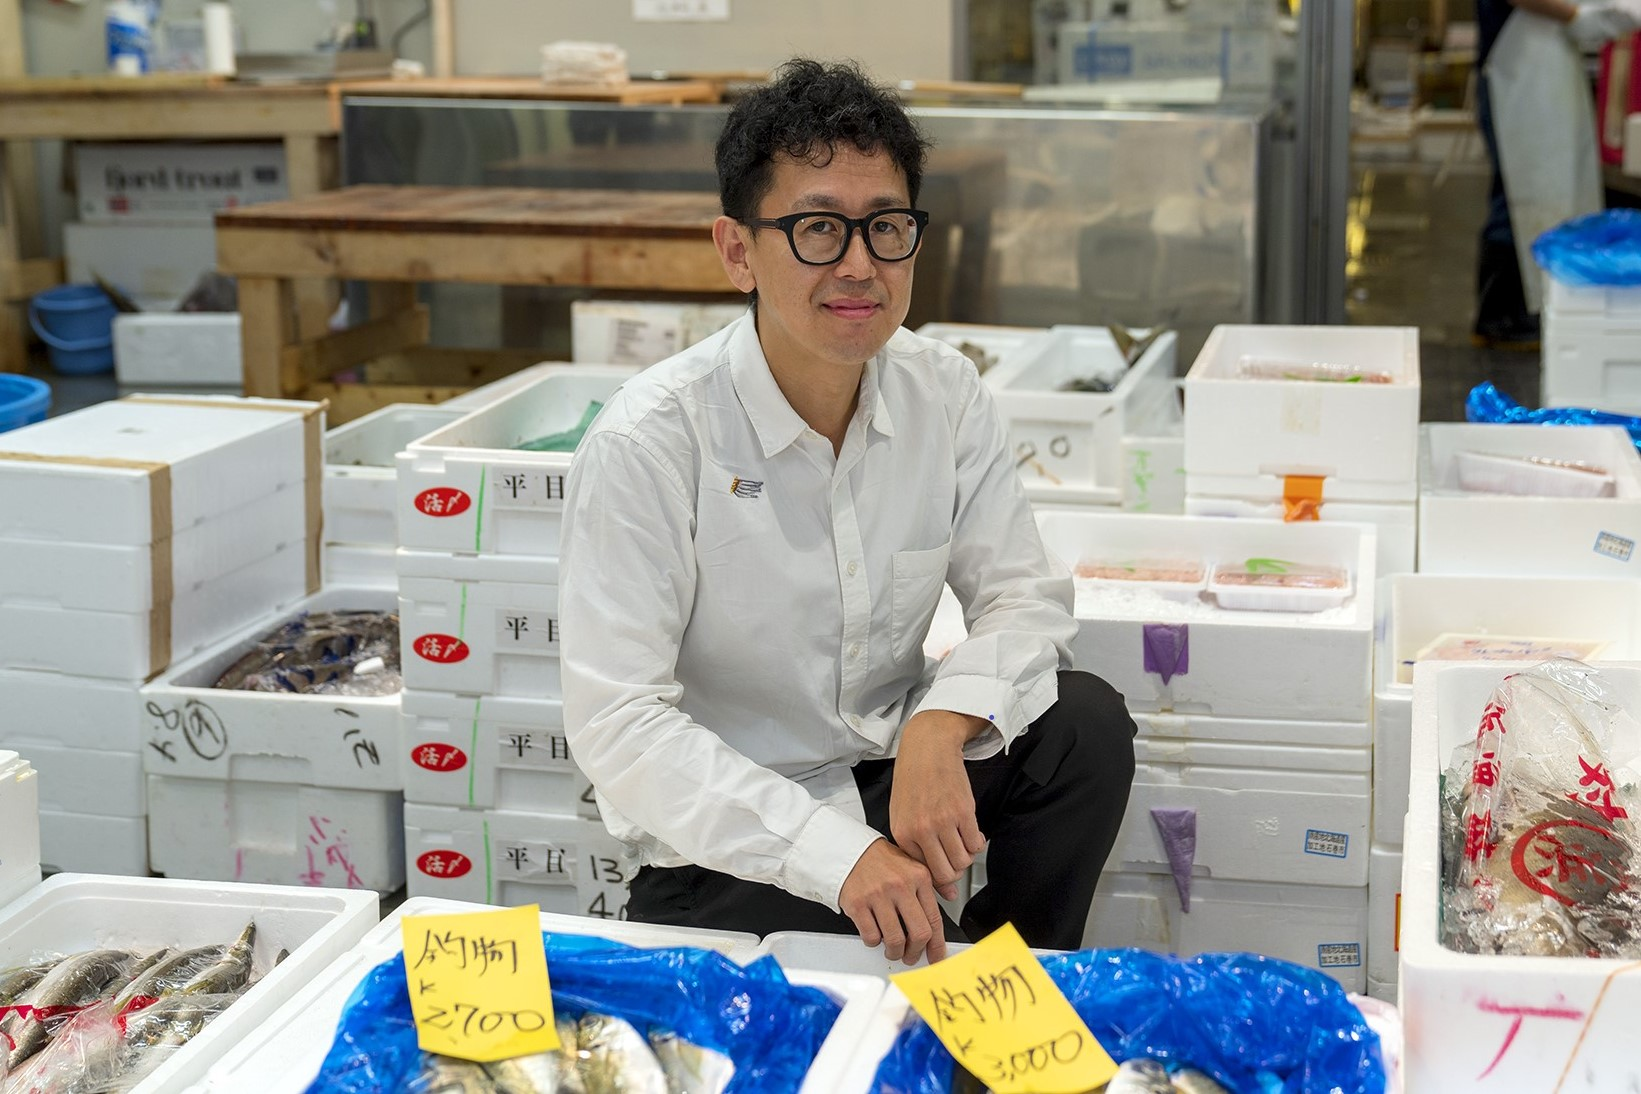 <center>養殖魚が値下がりし、ウニが売れた?<br> コロナ禍の市場と流通の新たな動き</center>